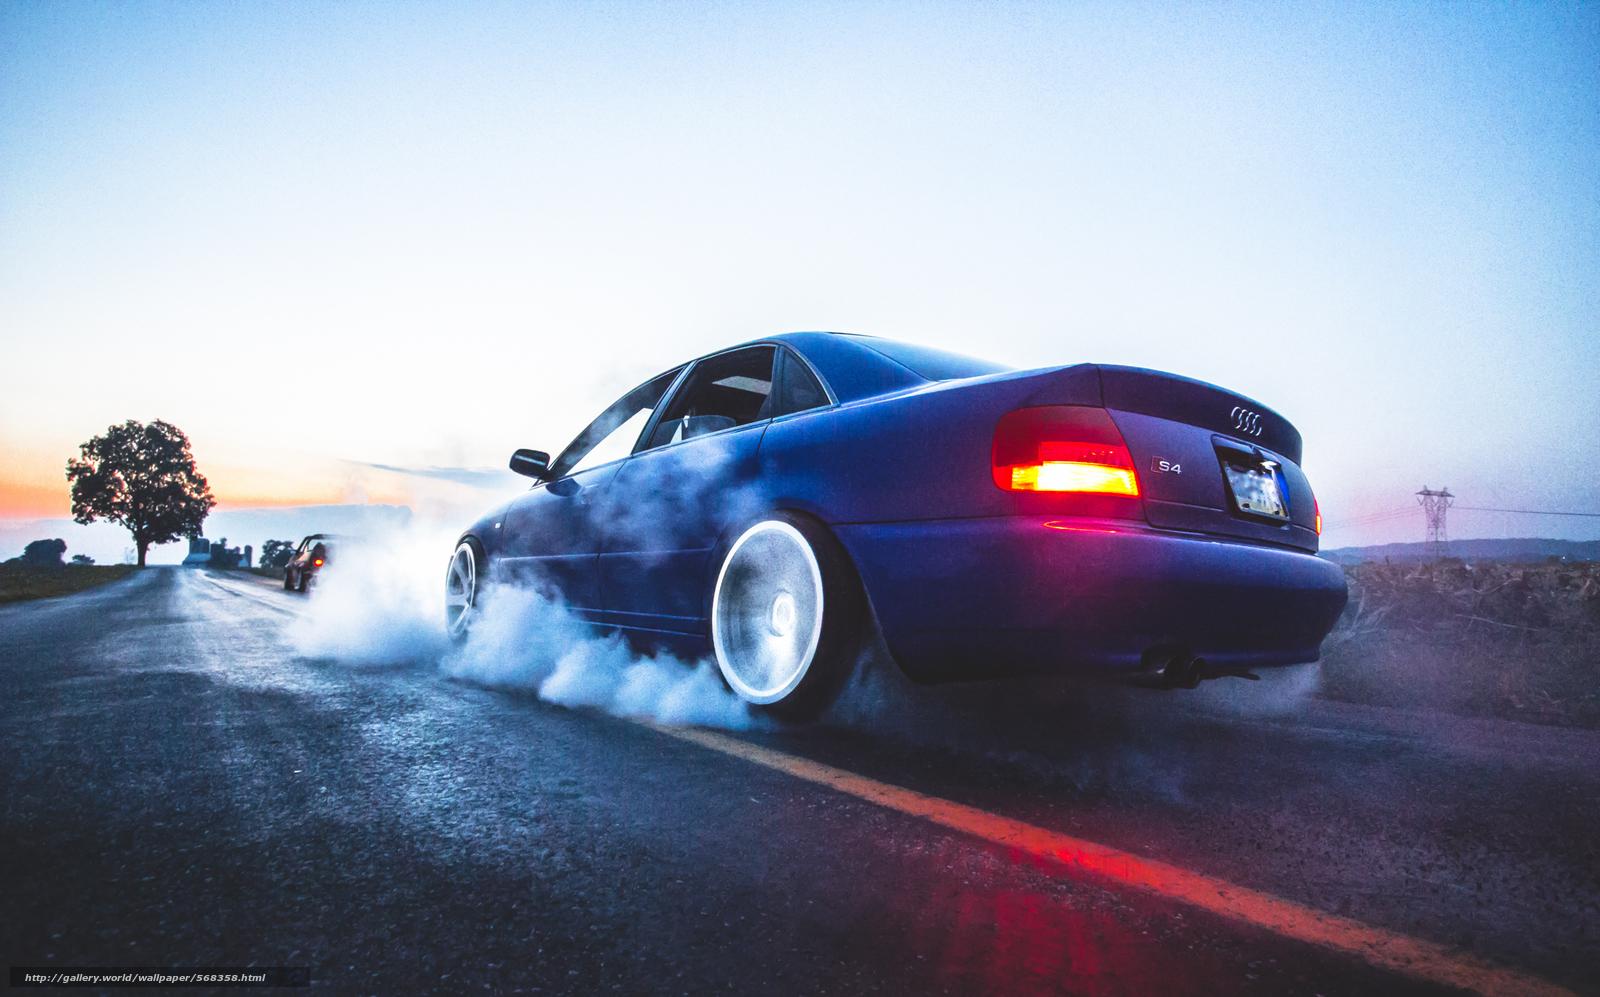 Pobra Tapety Dym Dryfować Audi Audi Darmowe Tapety Na Pulpit Rozdzielczoci 2100x1308 Zdjcie 568358